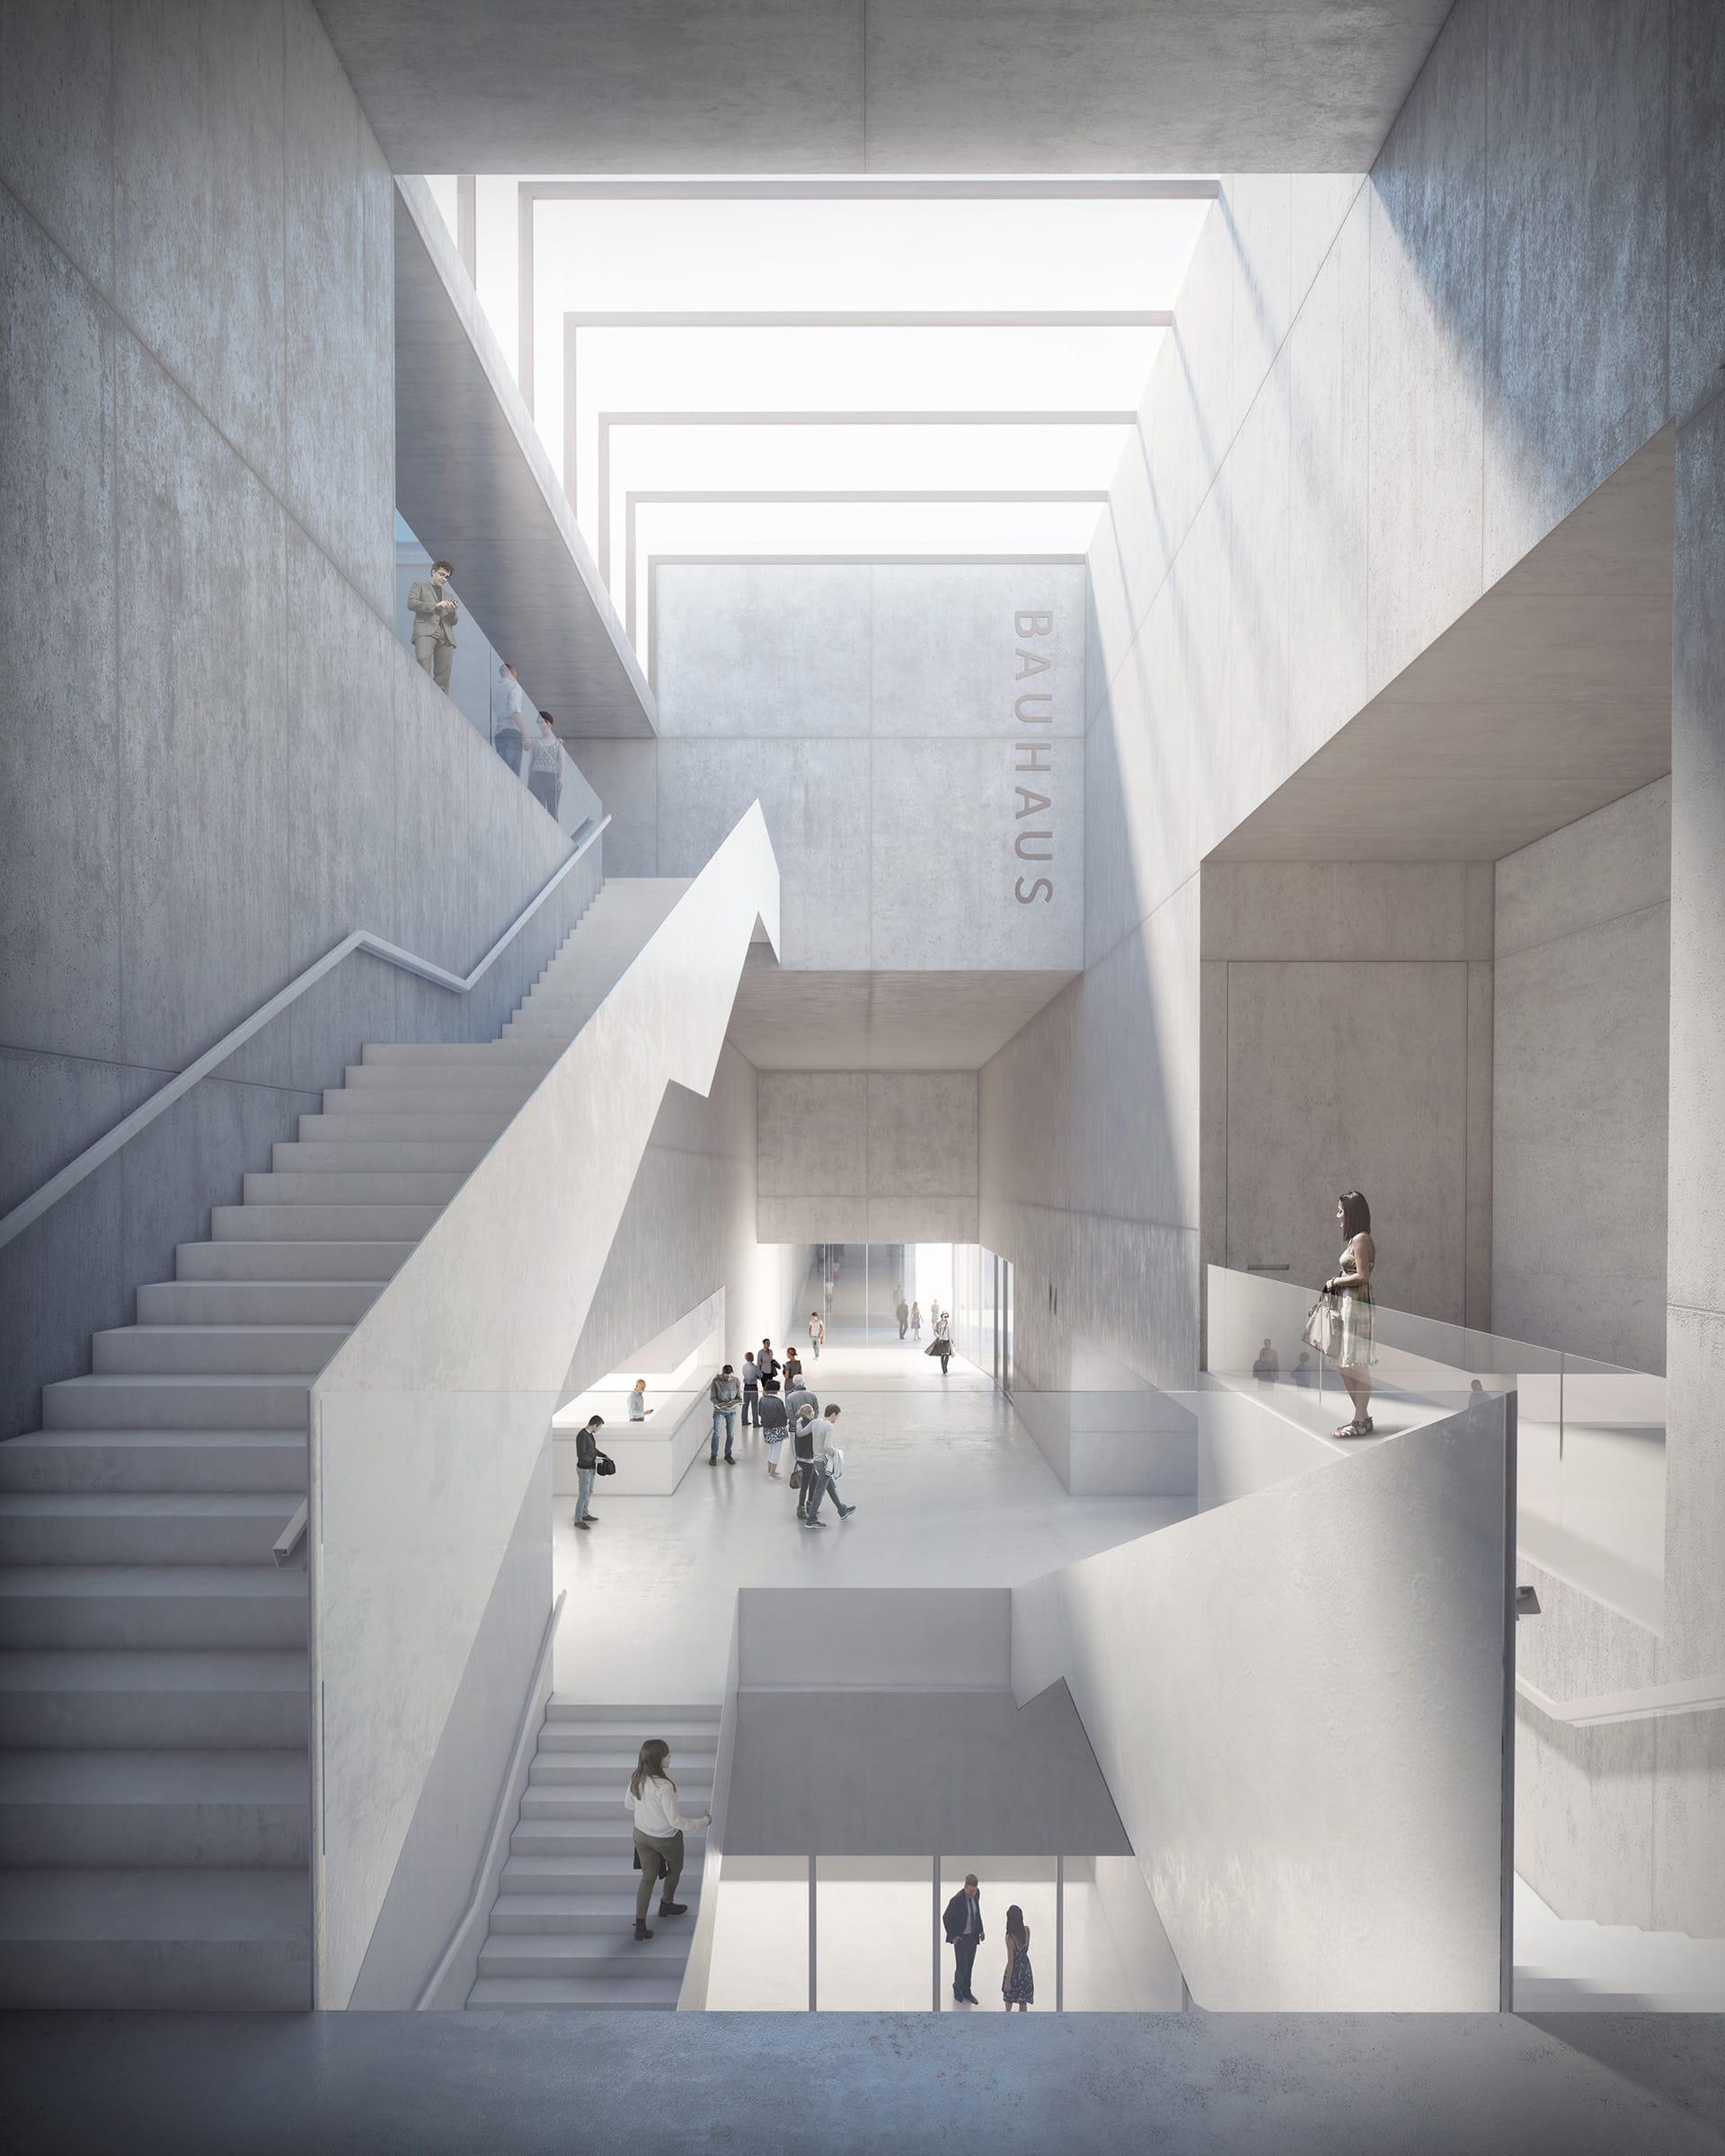 bauhaus_archive_interior